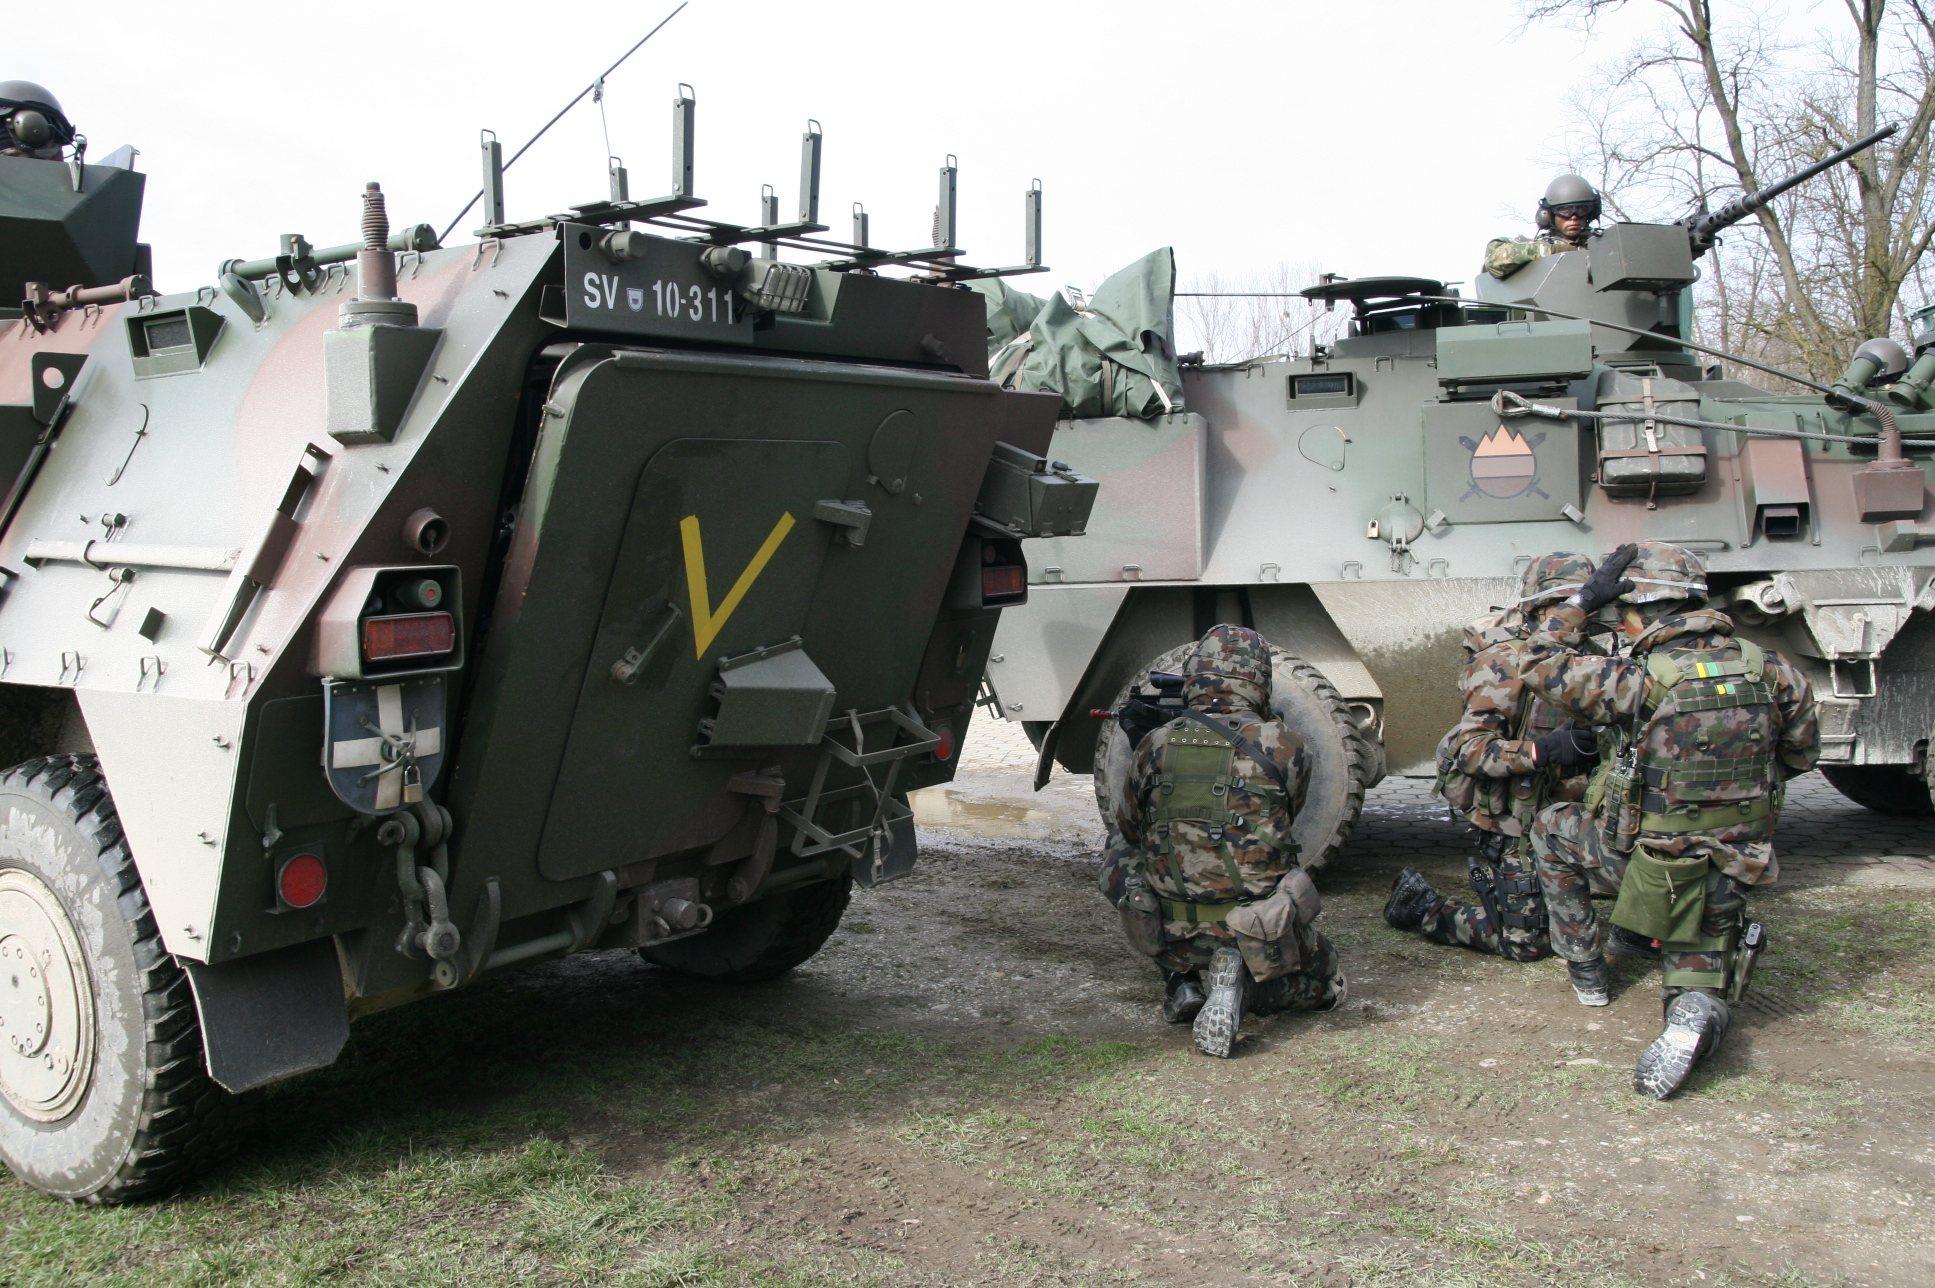 Vojaki so bili aktivni na terenu.